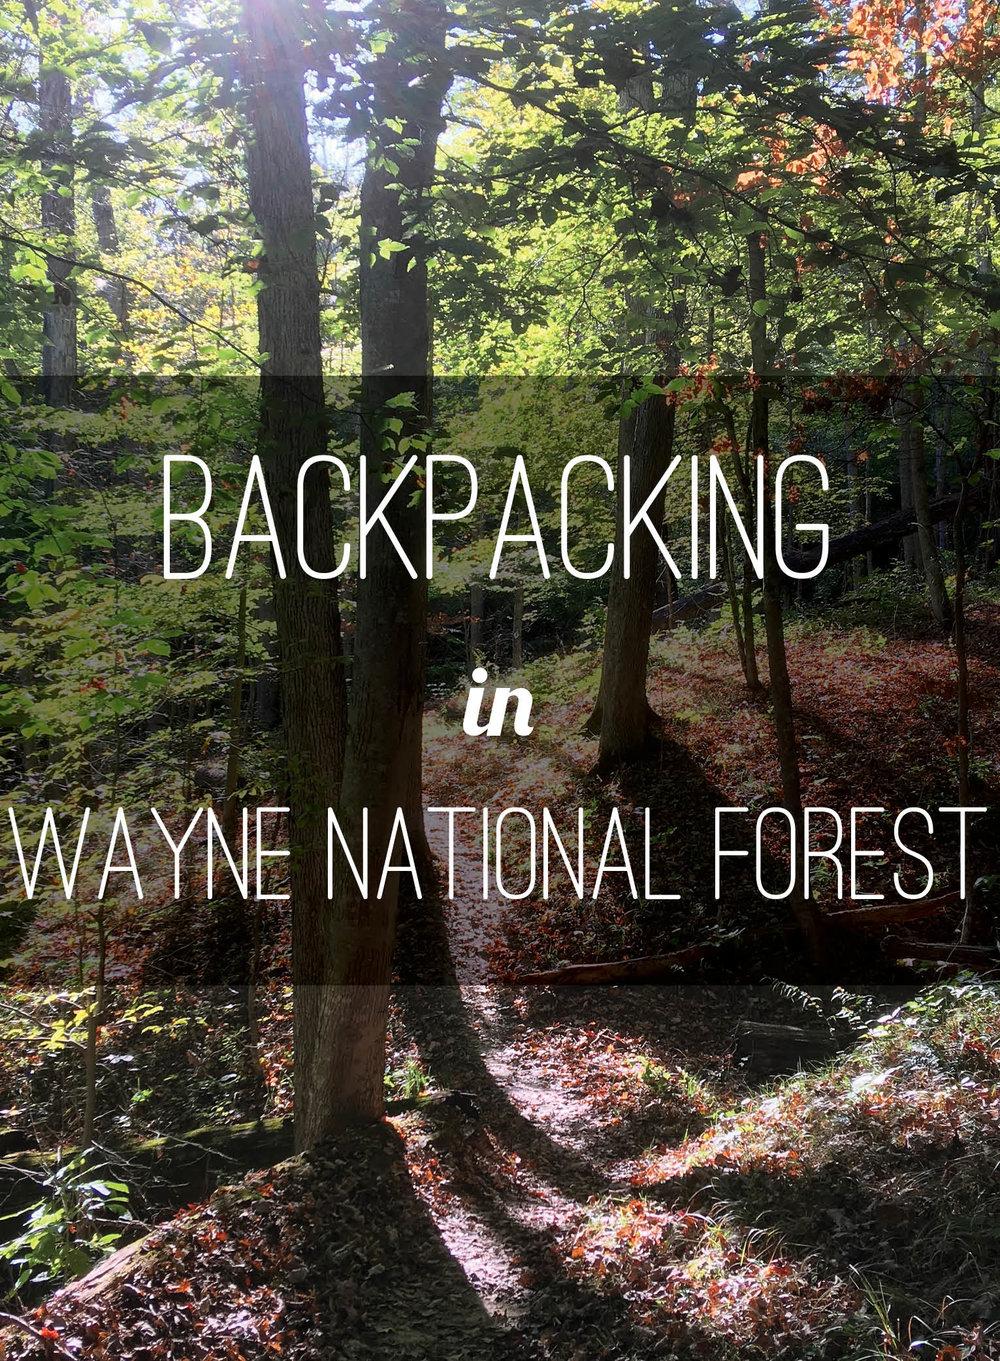 Wayne Backpacking.jpg